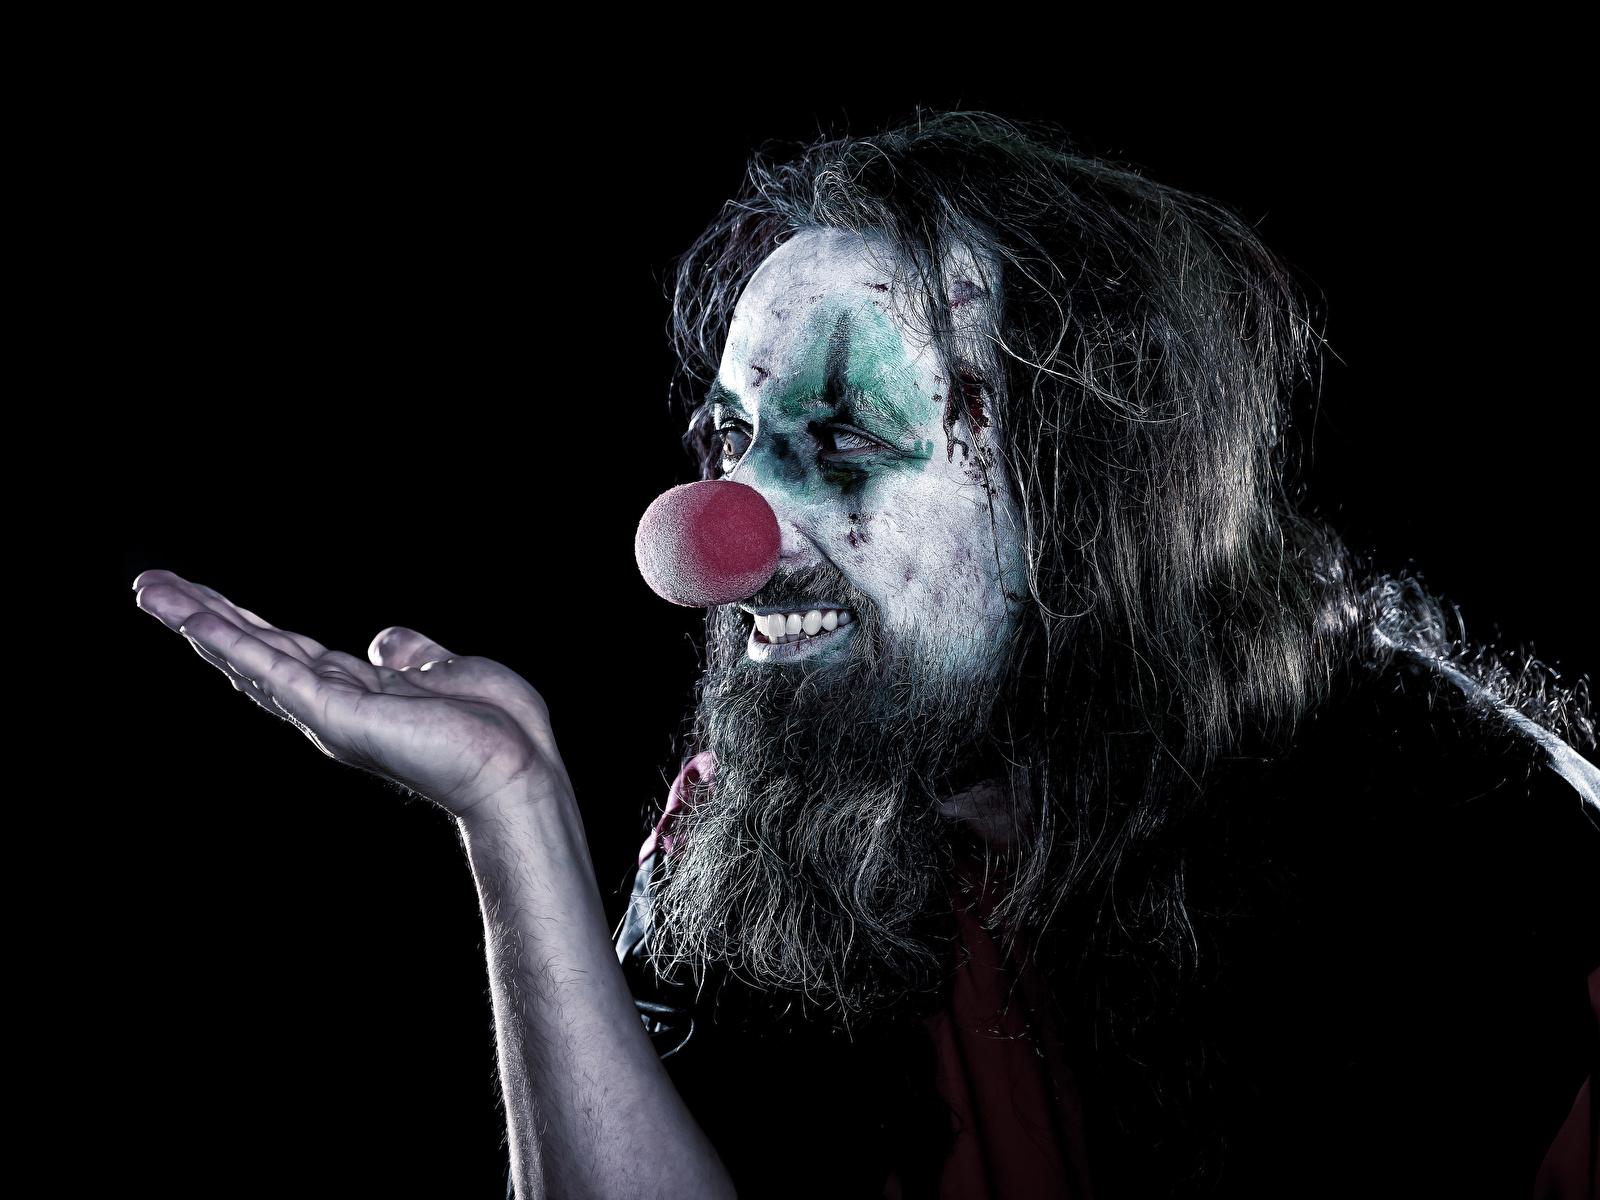 Фотографии Мужчины Макияж Клоун Борода Руки Черный фон 1600x1200 мейкап рука